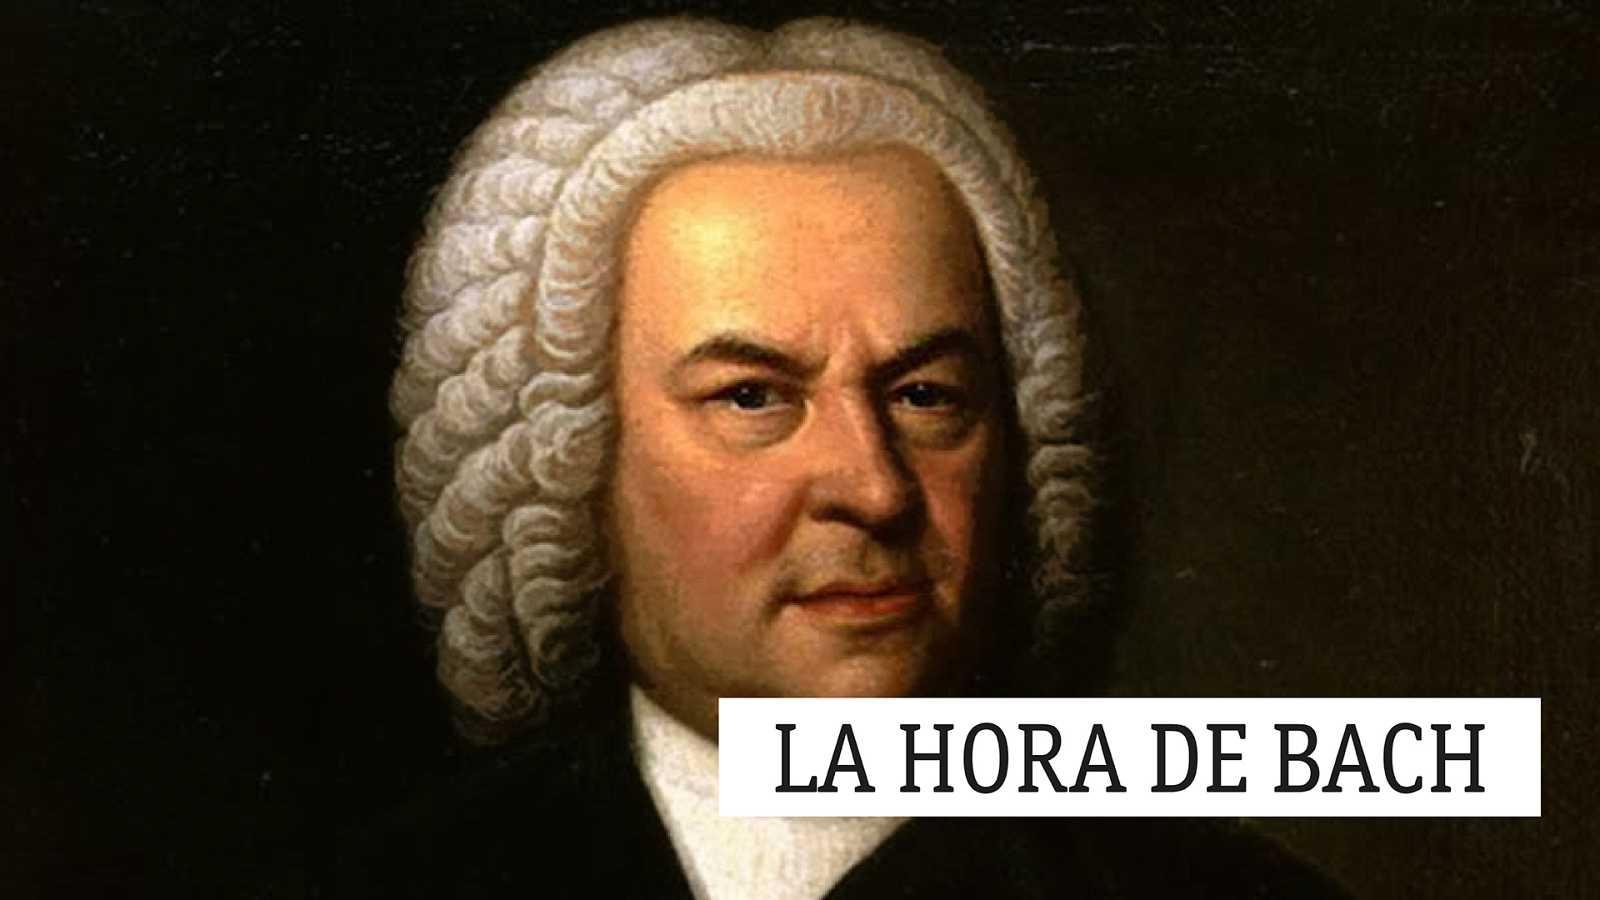 La hora de Bach - 01/05/21 - escuchar ahora